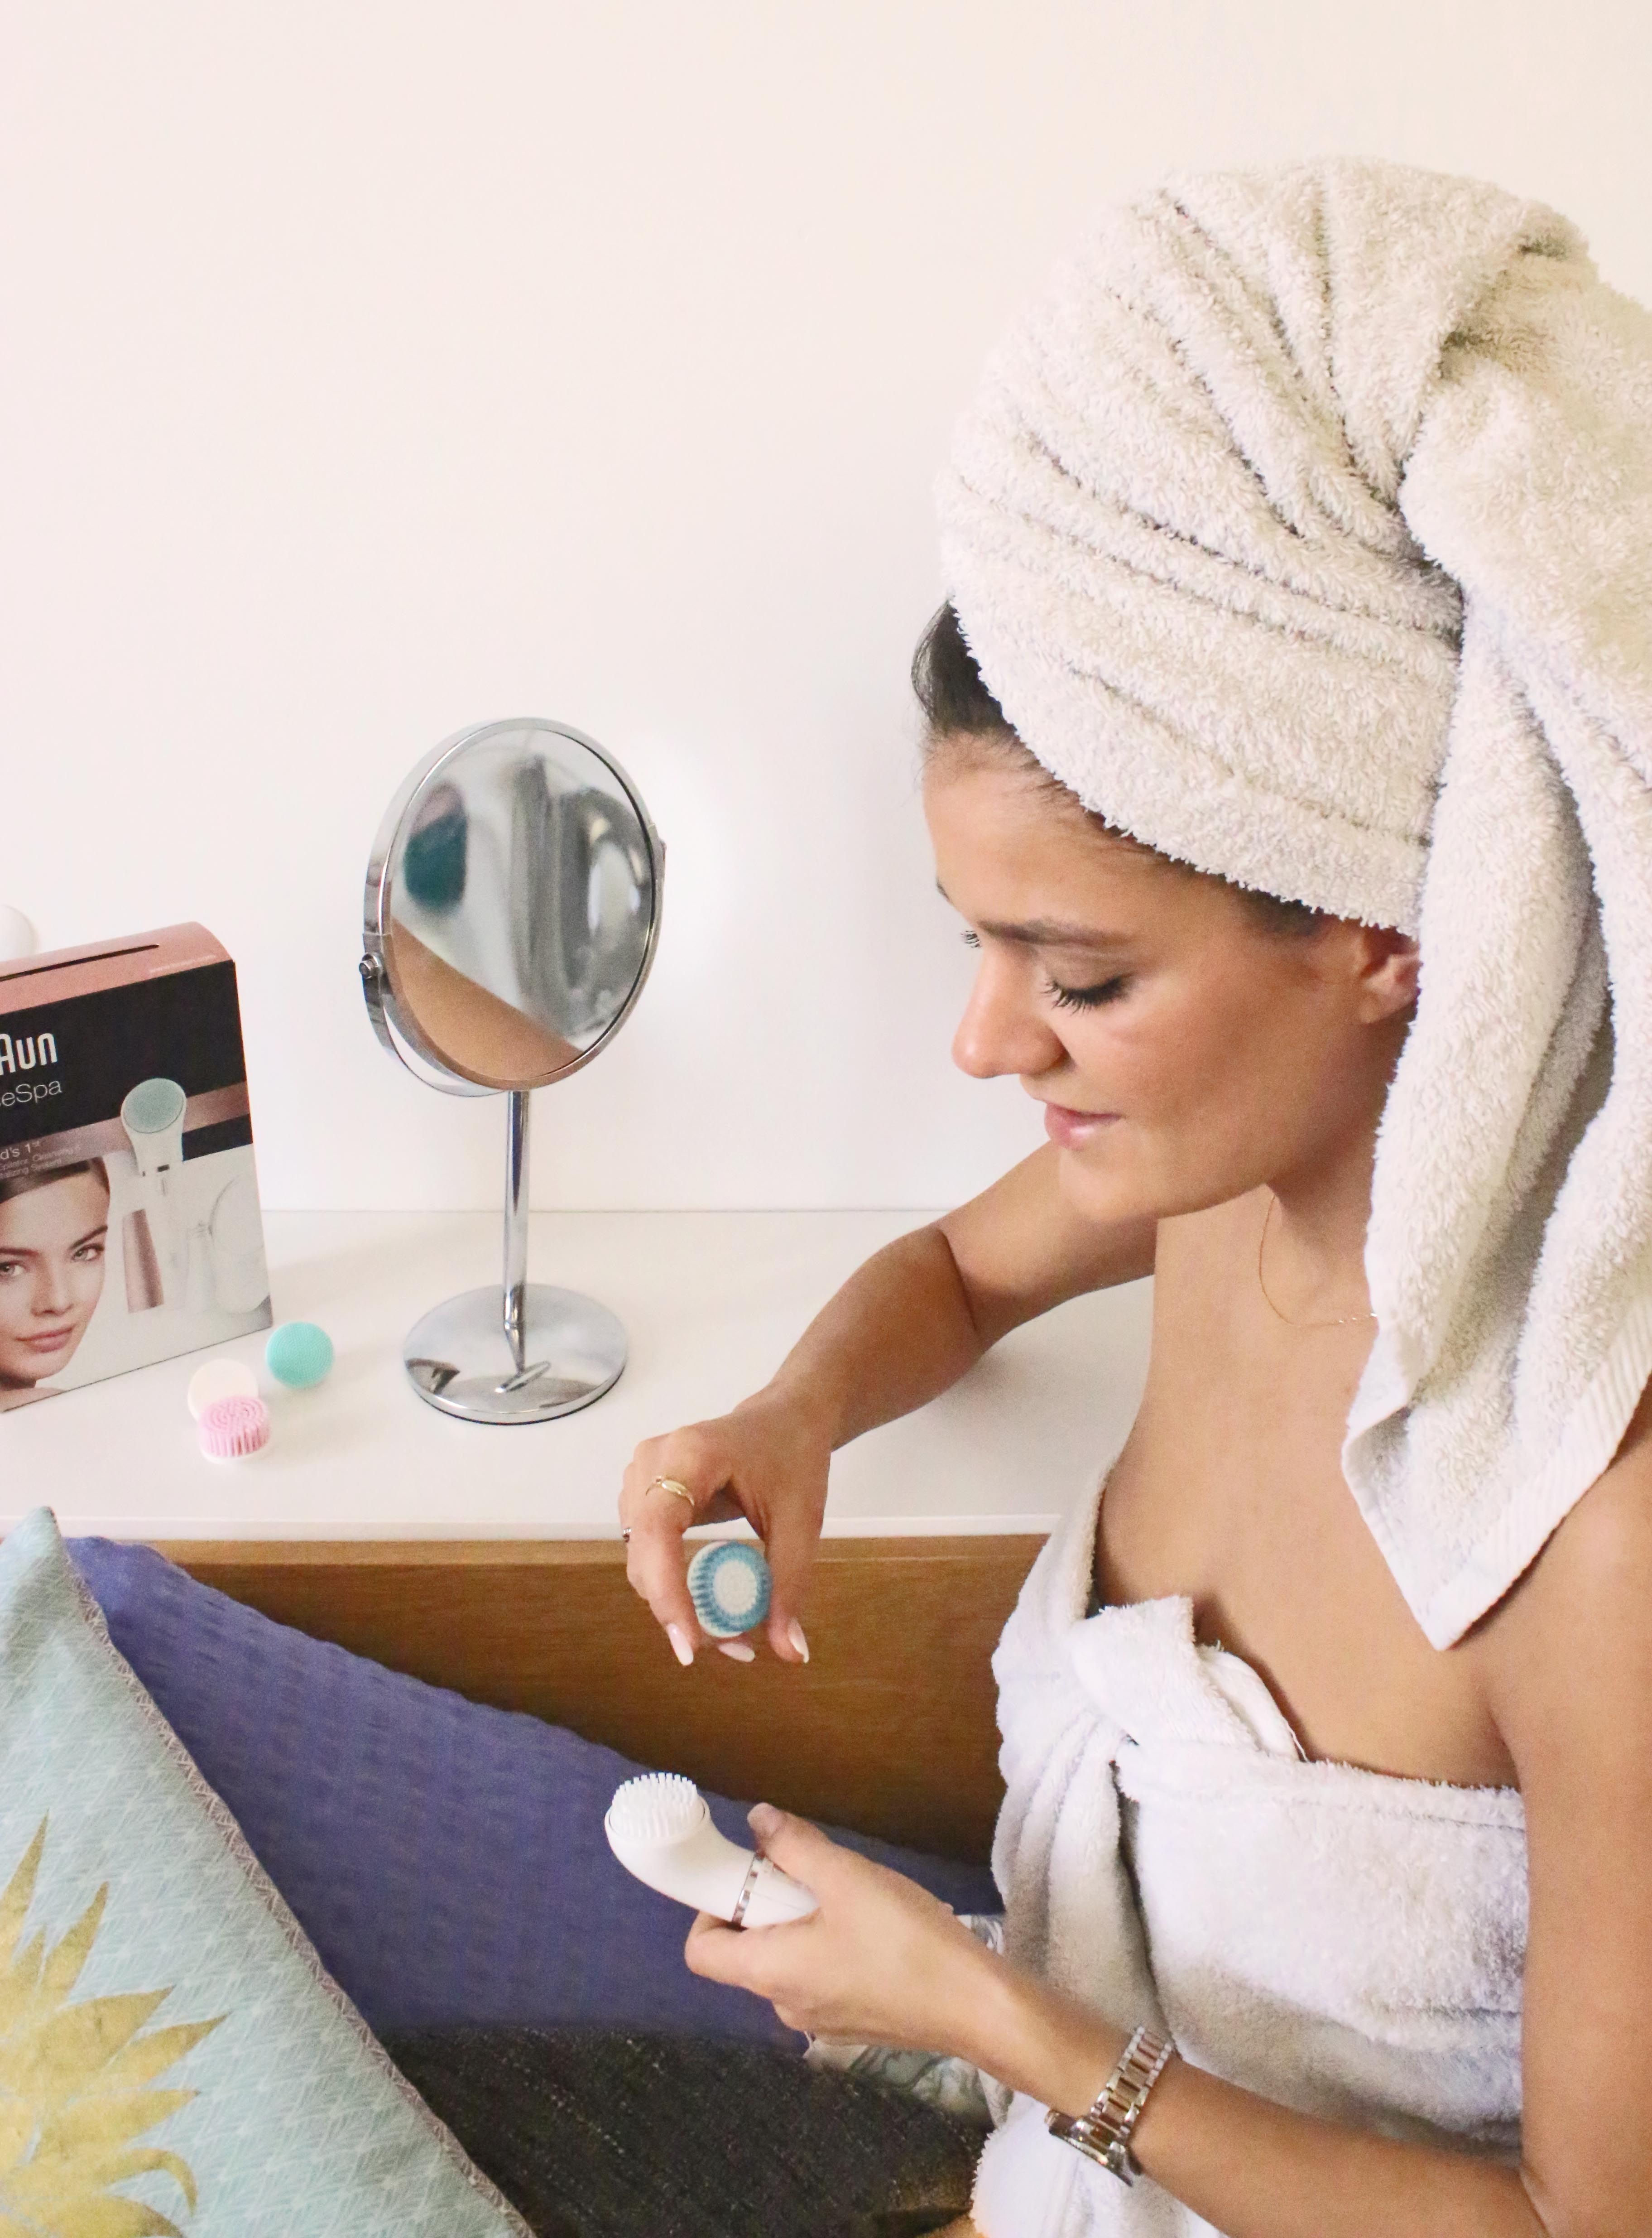 4-braun-face-spa-set-erfahrungsbericht-review